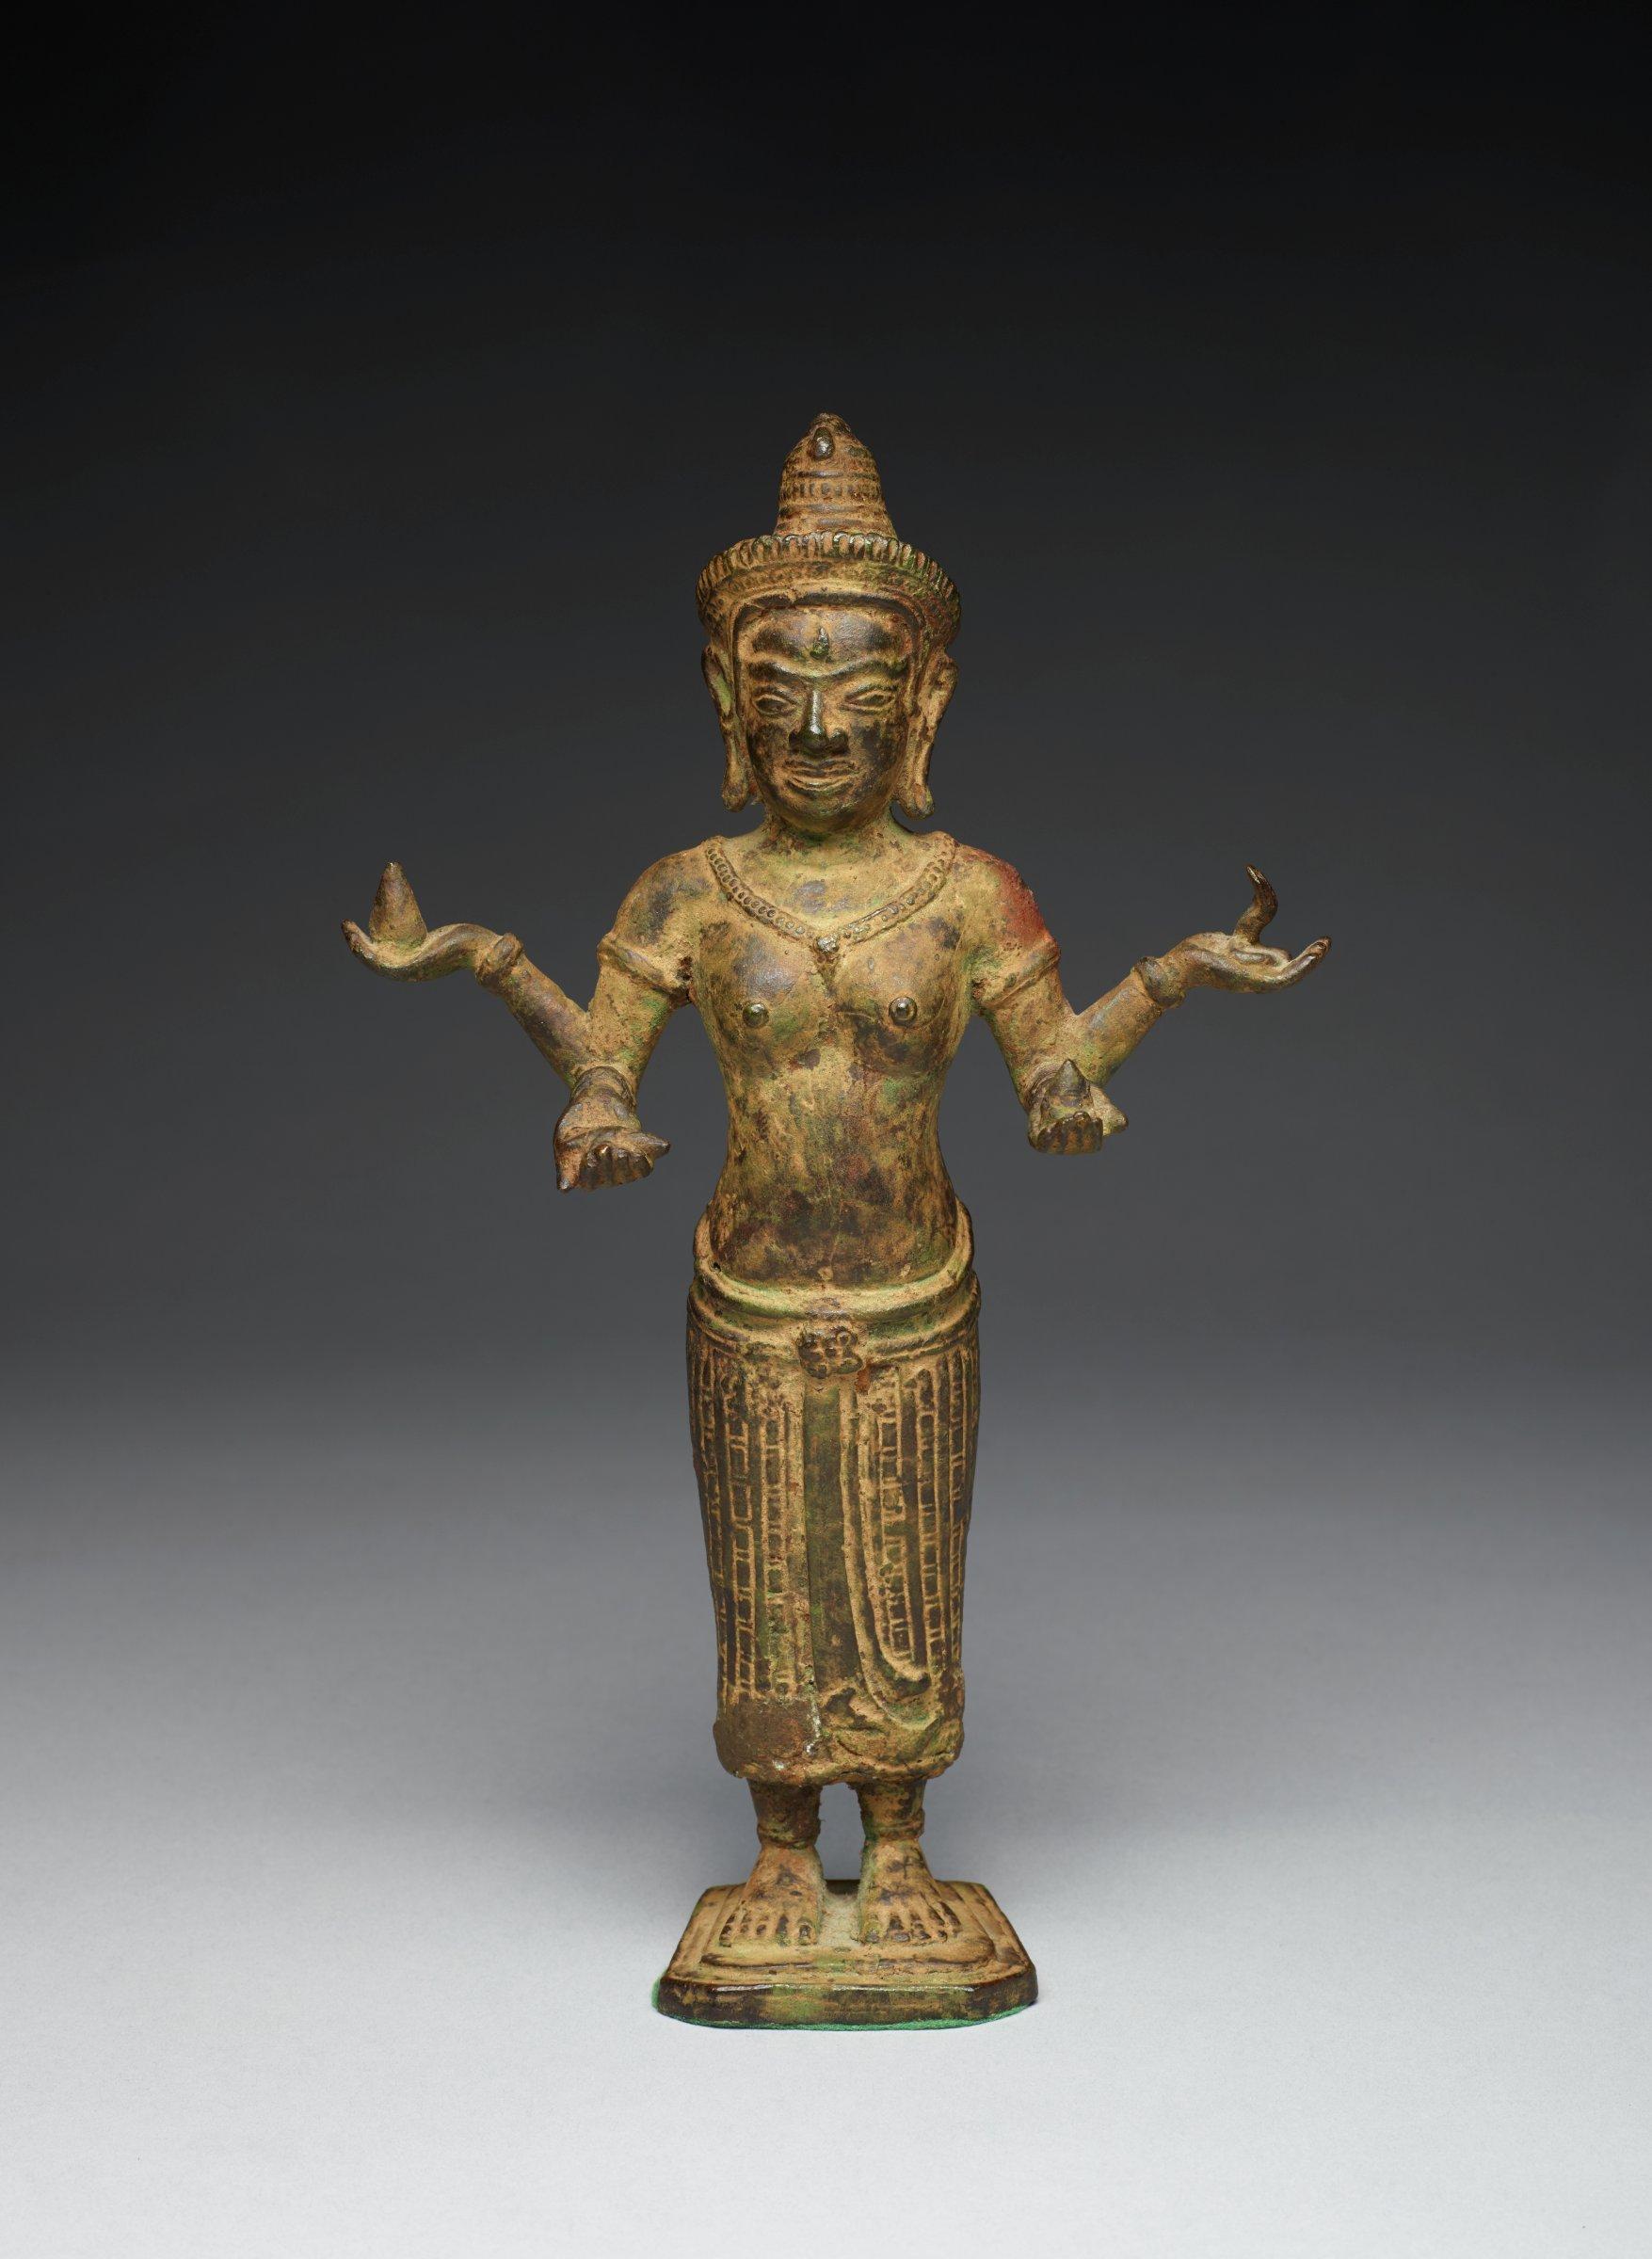 Ankor Wat style